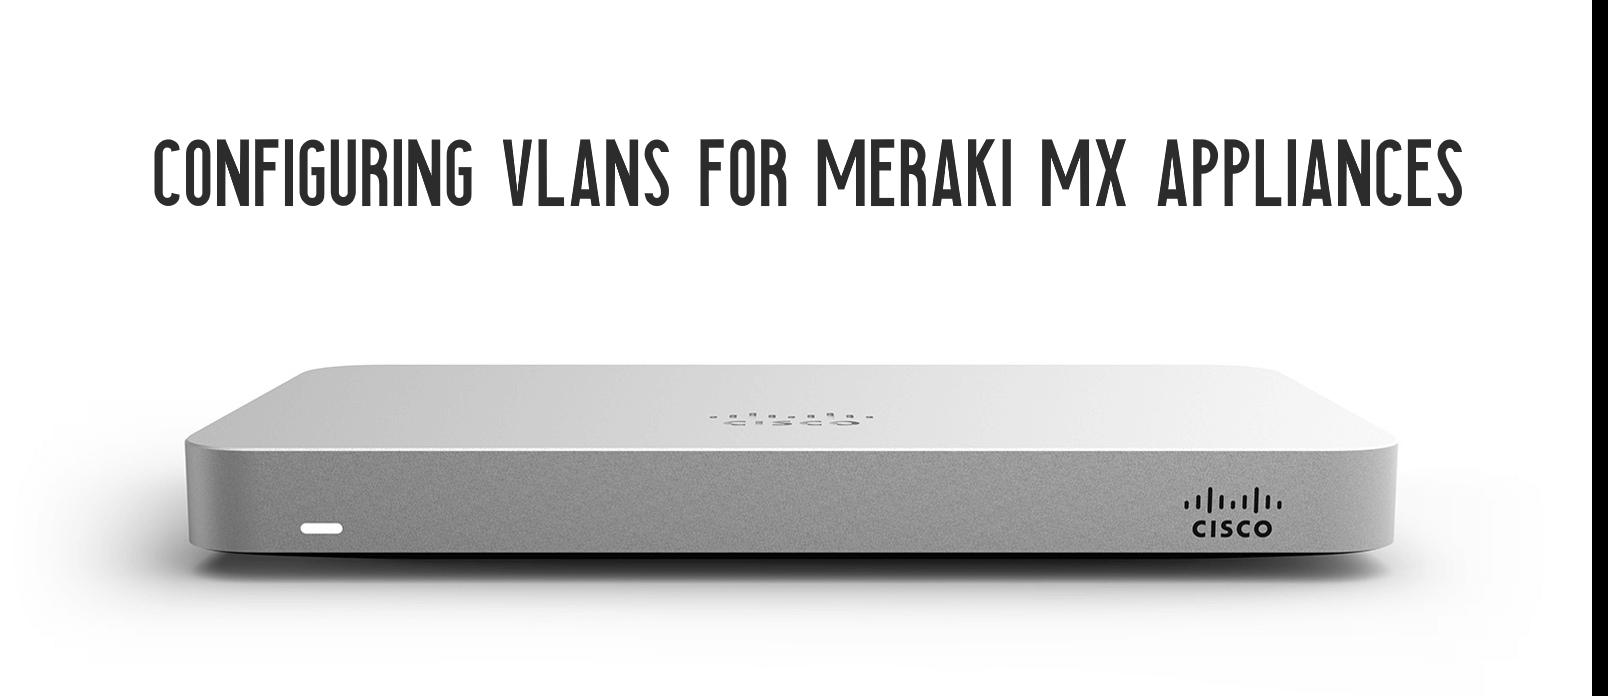 How To Configure Virtual Networks Meraki